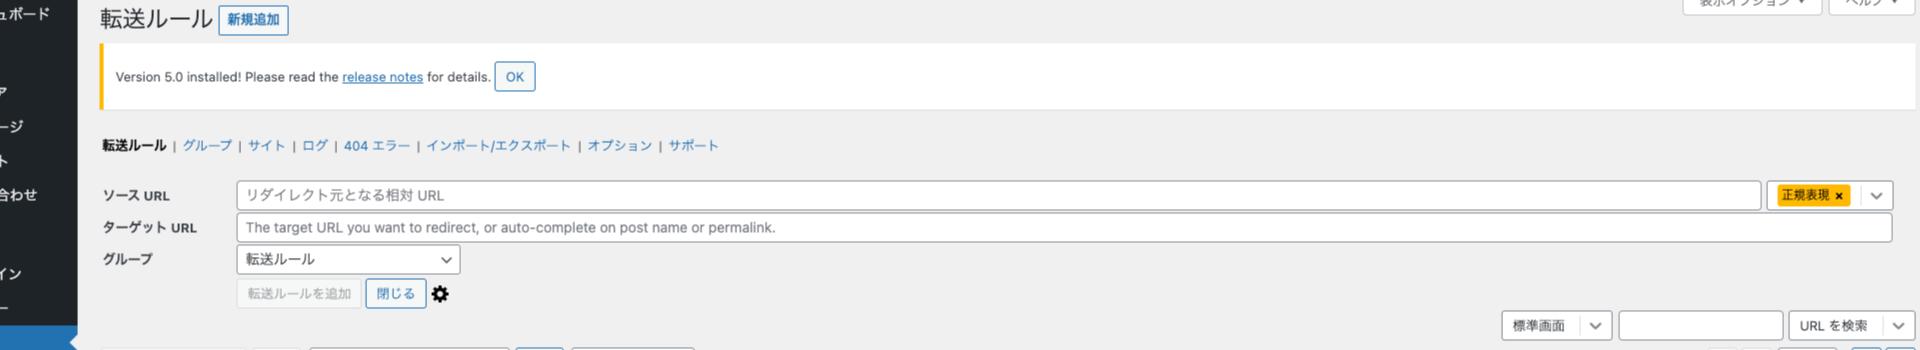 サイトごと移行や条件指定でまとめて移行したい場合には、正規表現でリダイレクト-redirection